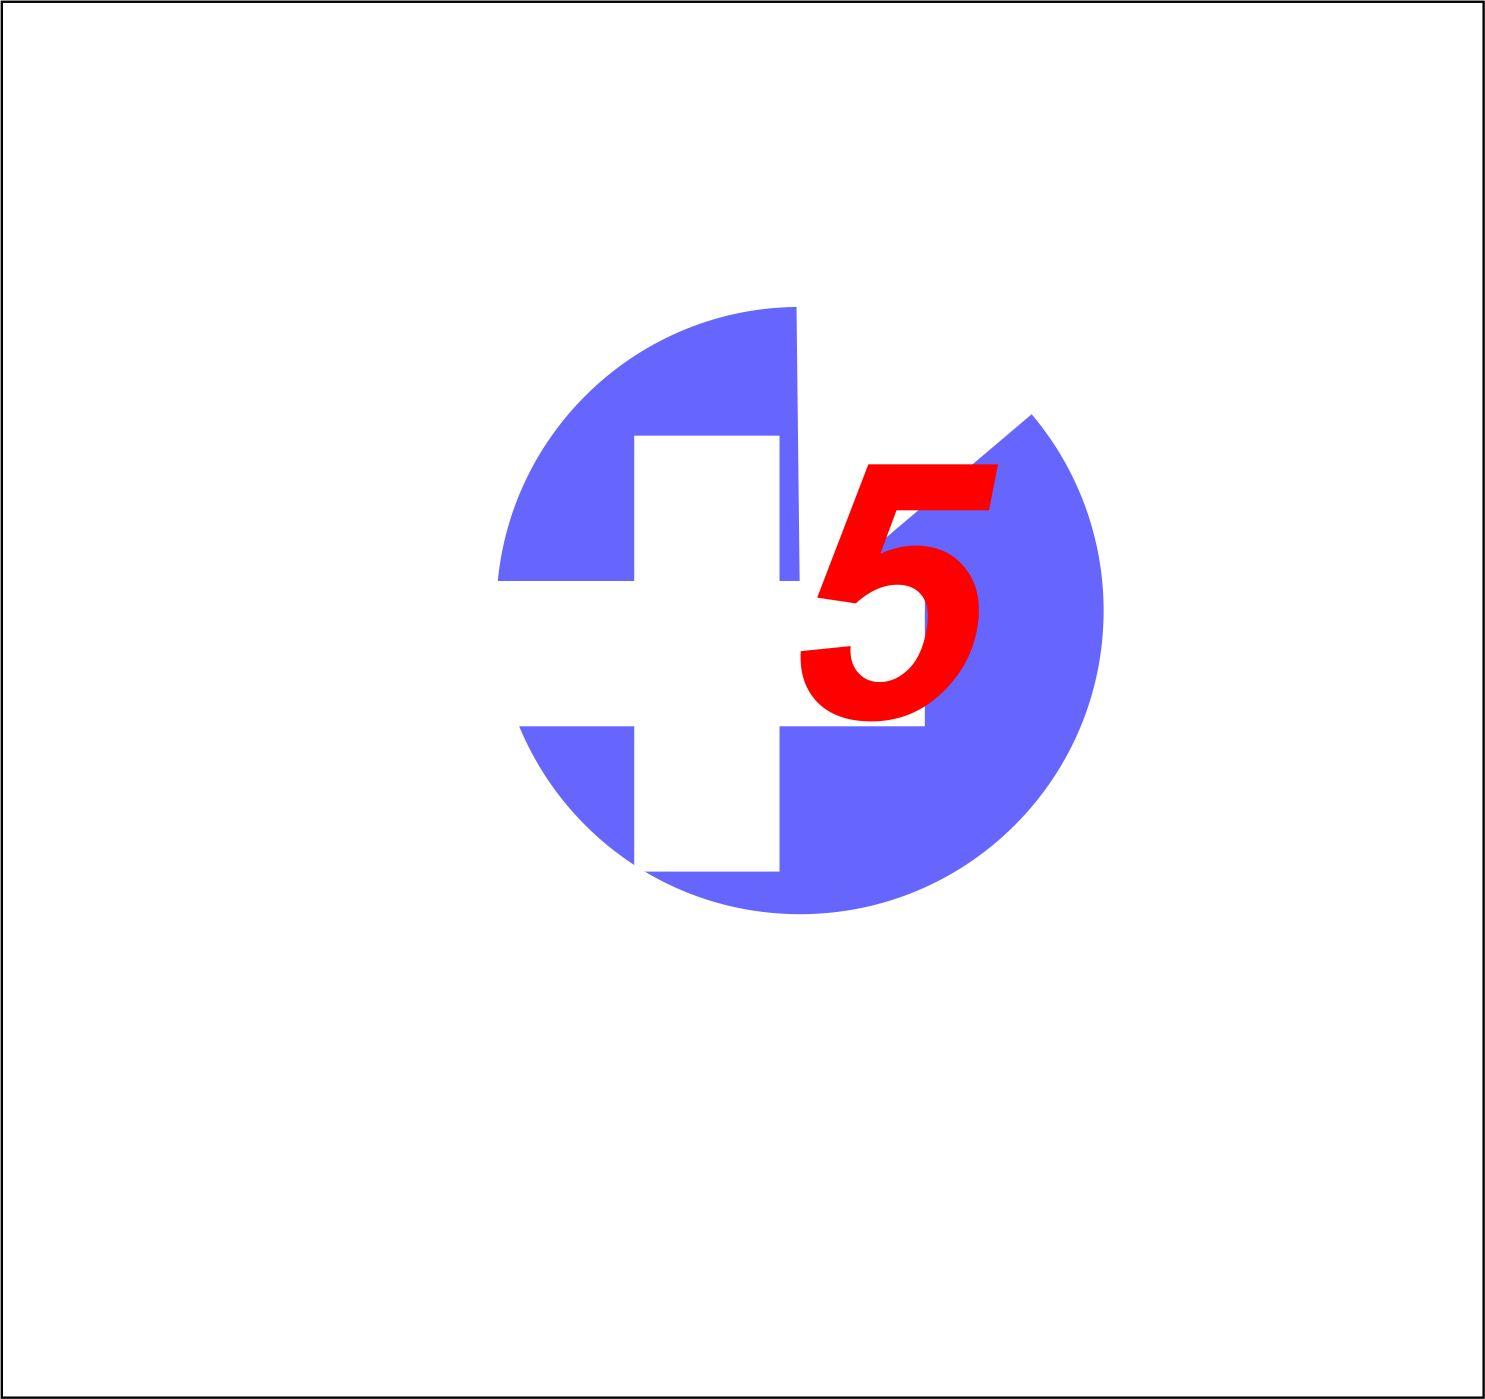 Готовый логотип или эскиз (мед. тематика) фото f_15955acba0d8656d.jpg